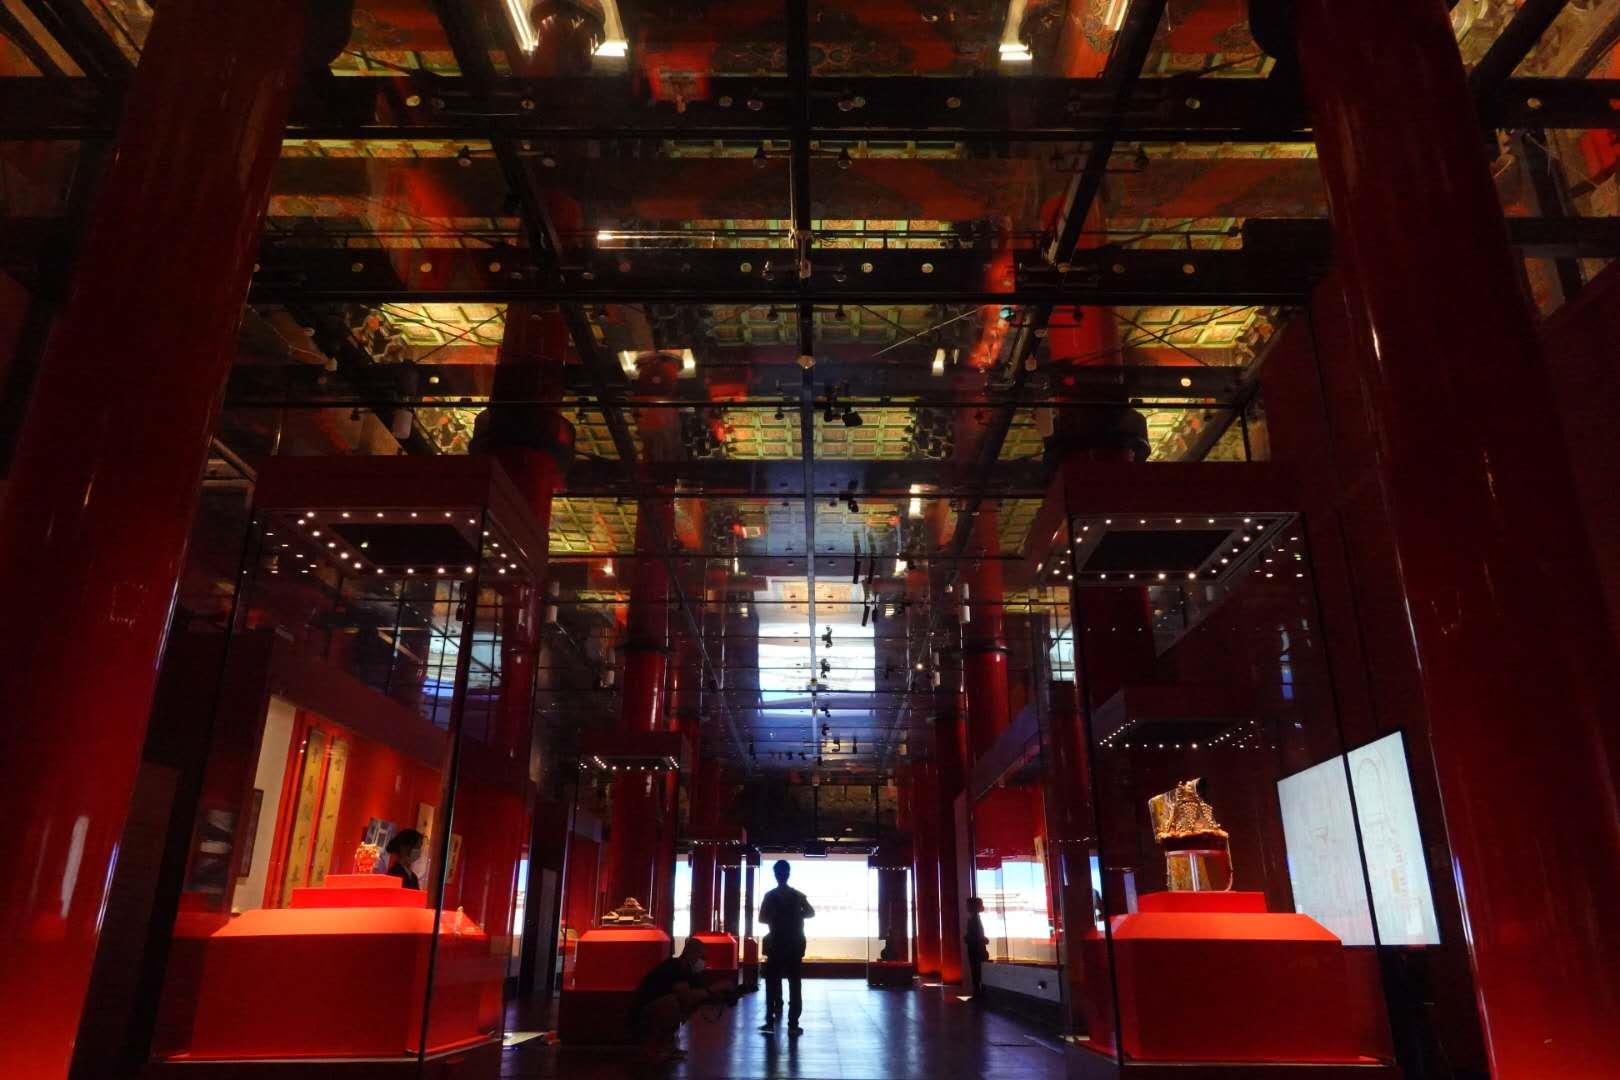 紫禁城建成六百年大展登场 深宫漆纱两百年来首展出_图2-3